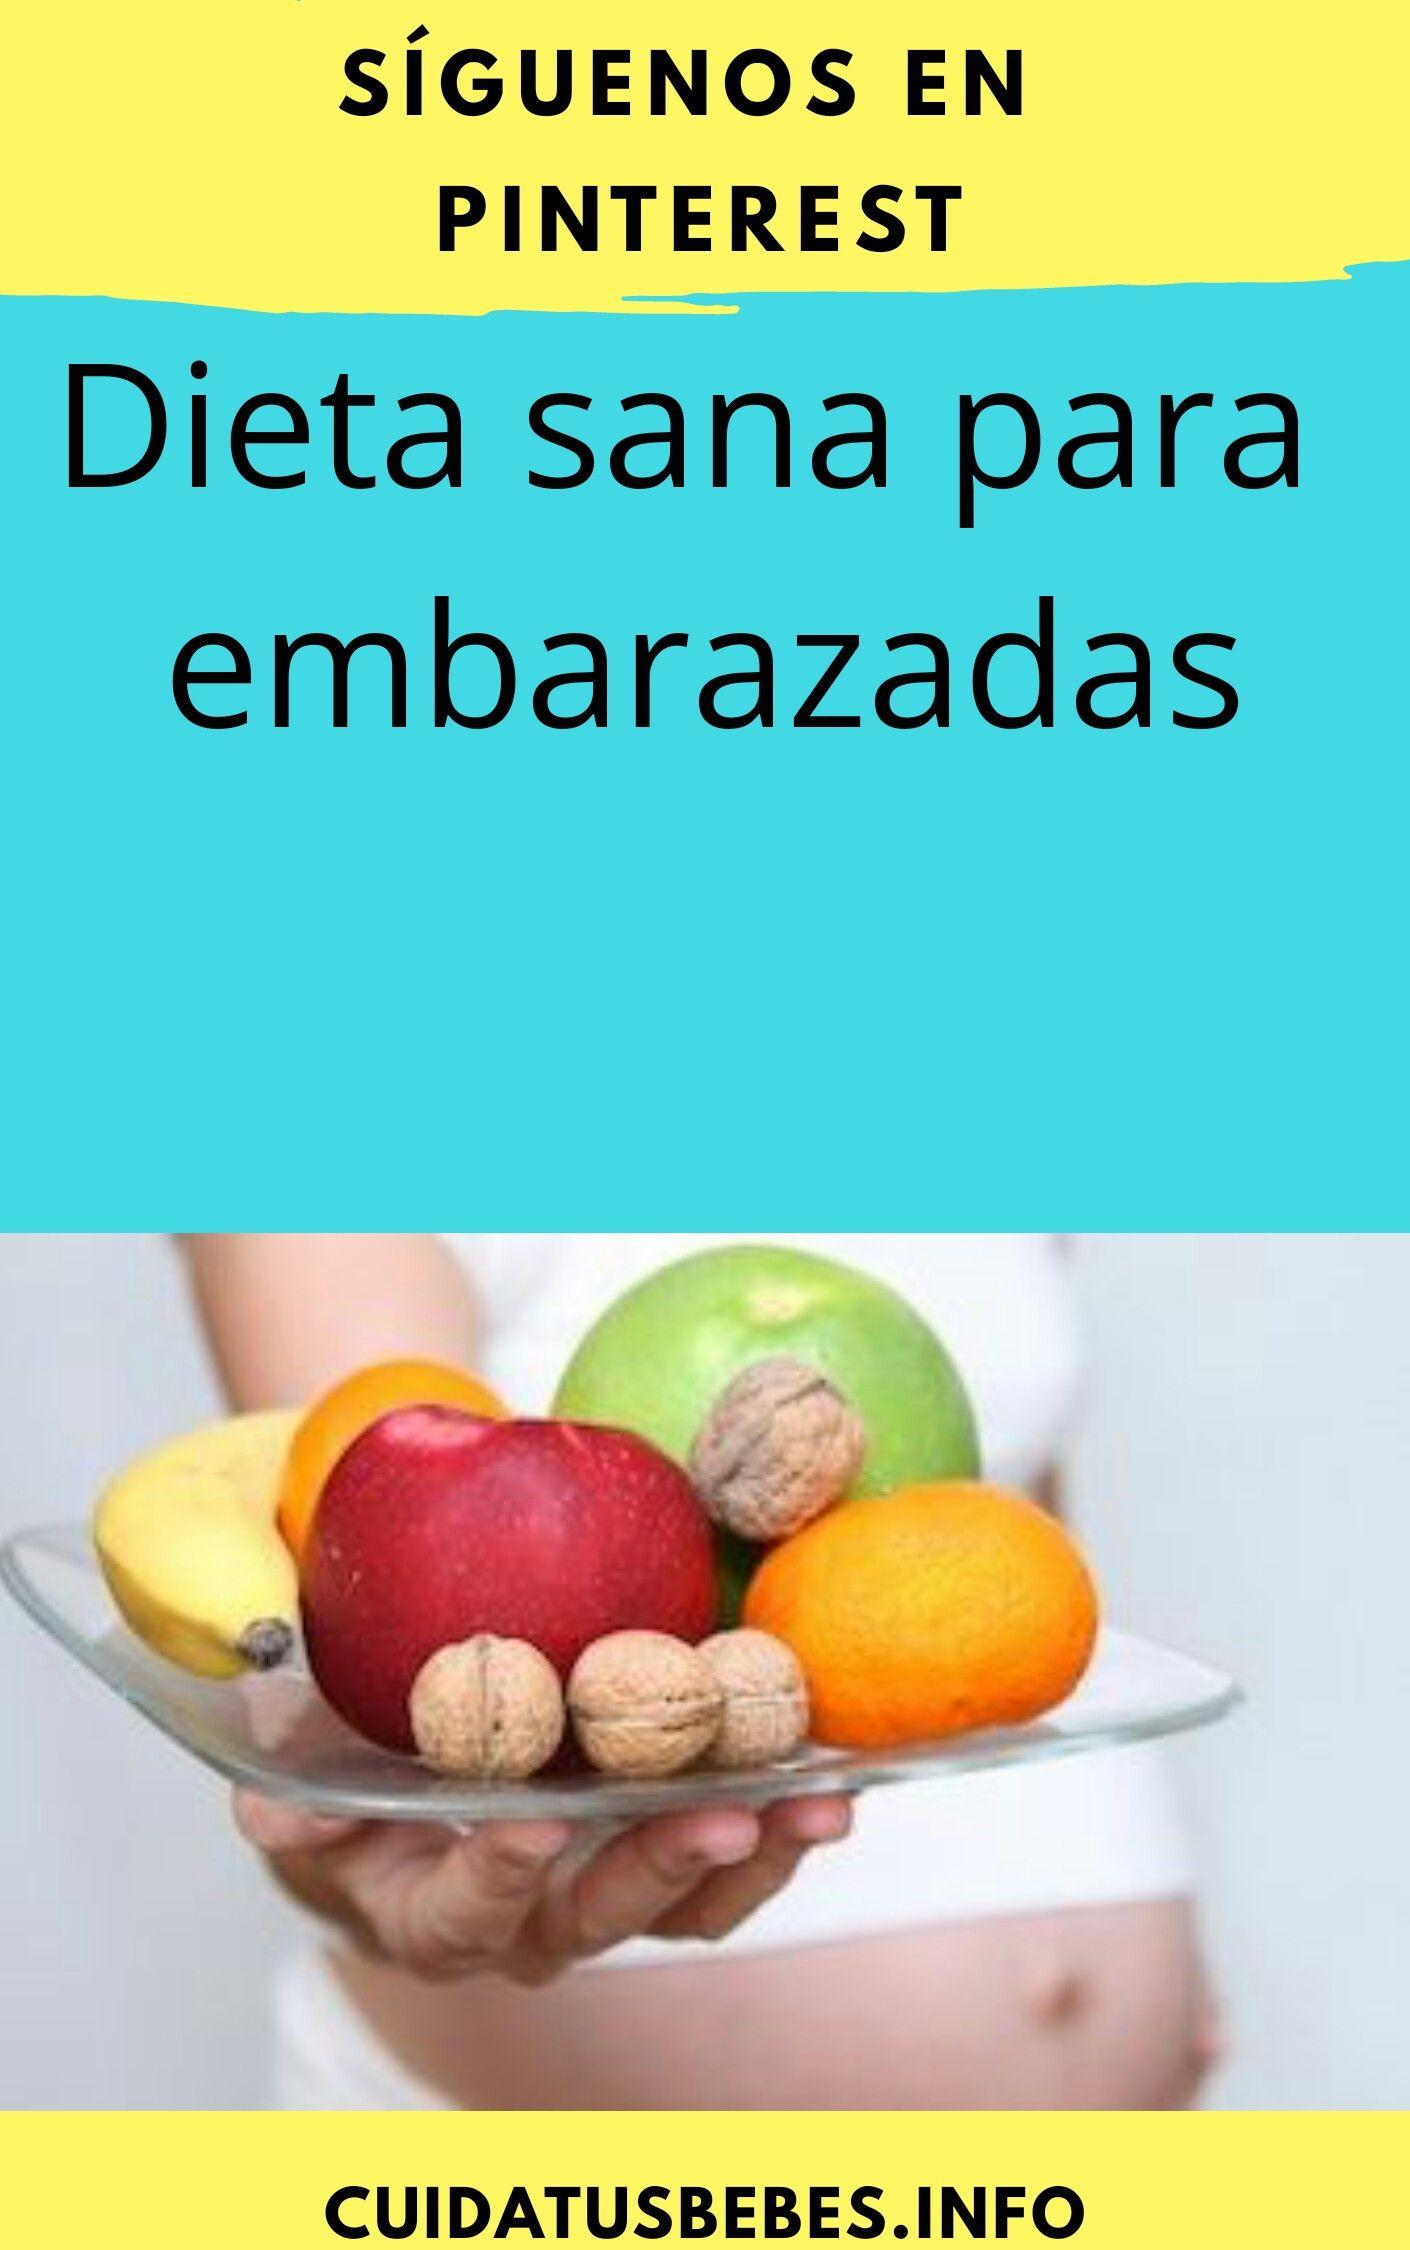 Dieta de las embarazadas